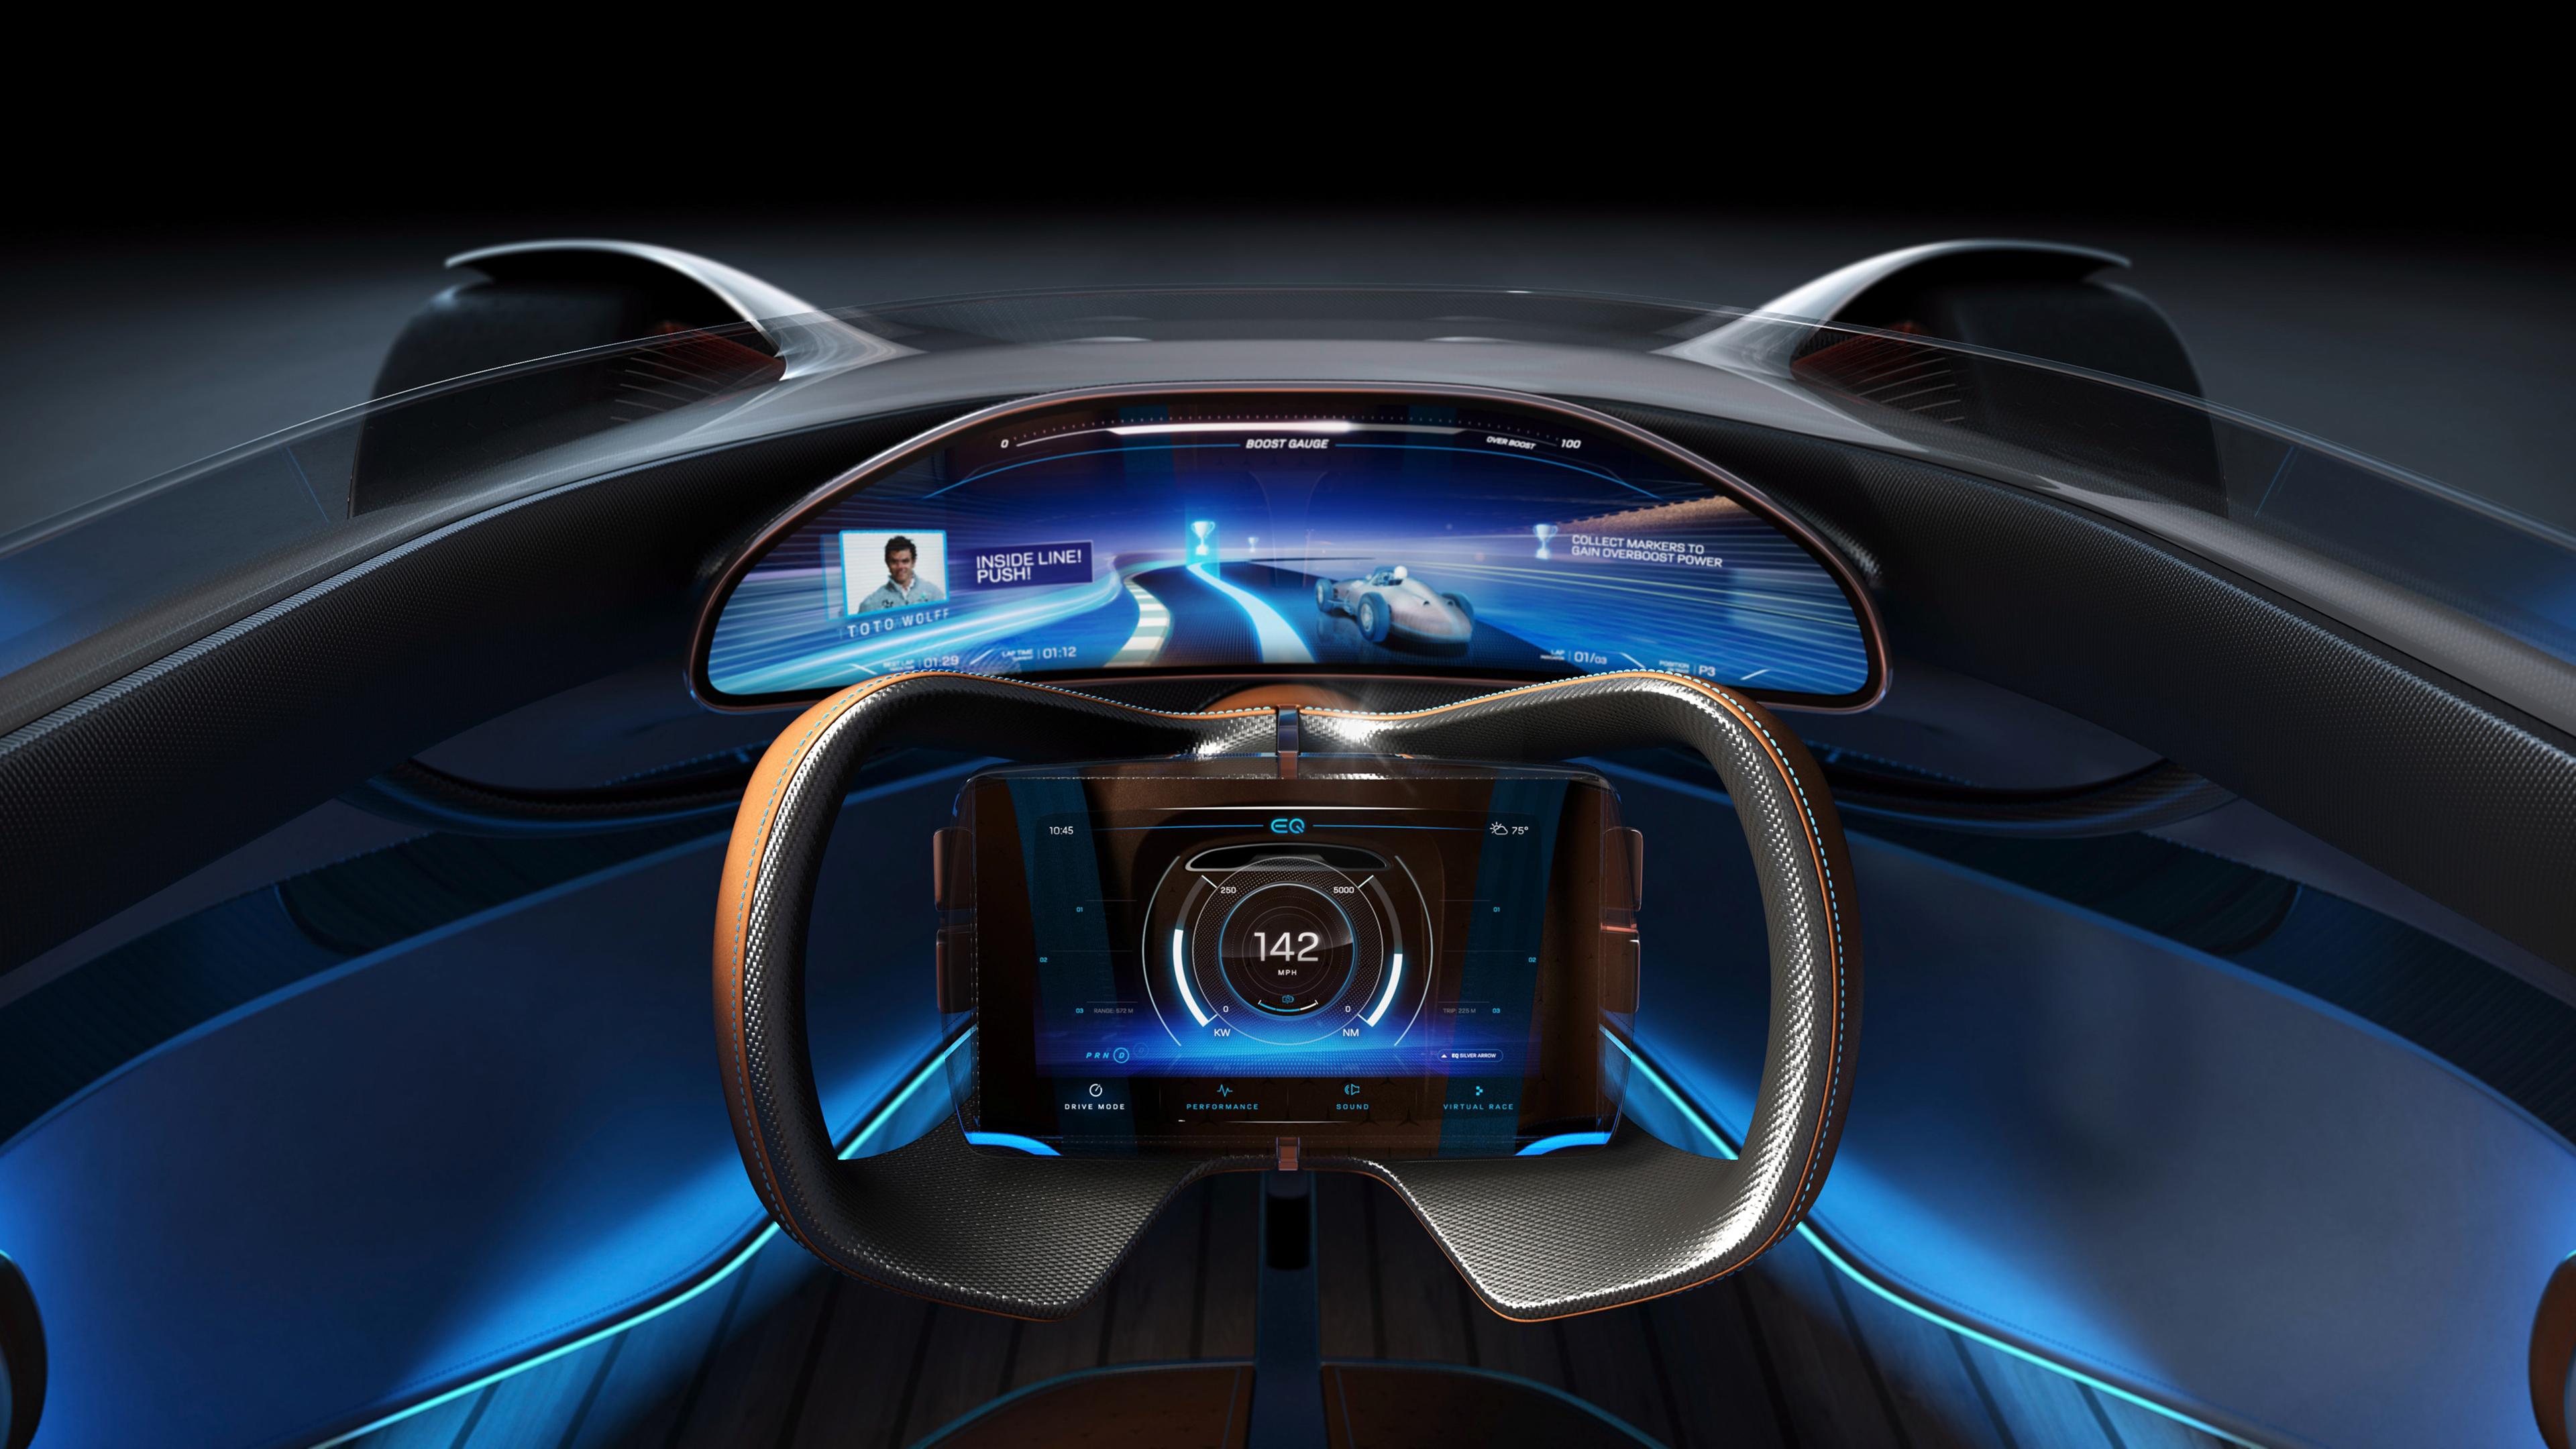 Mercedes Benz Vision Eq Silver Arrow Interior 4k Wallpaper Hd Car Wallpapers Id 11128